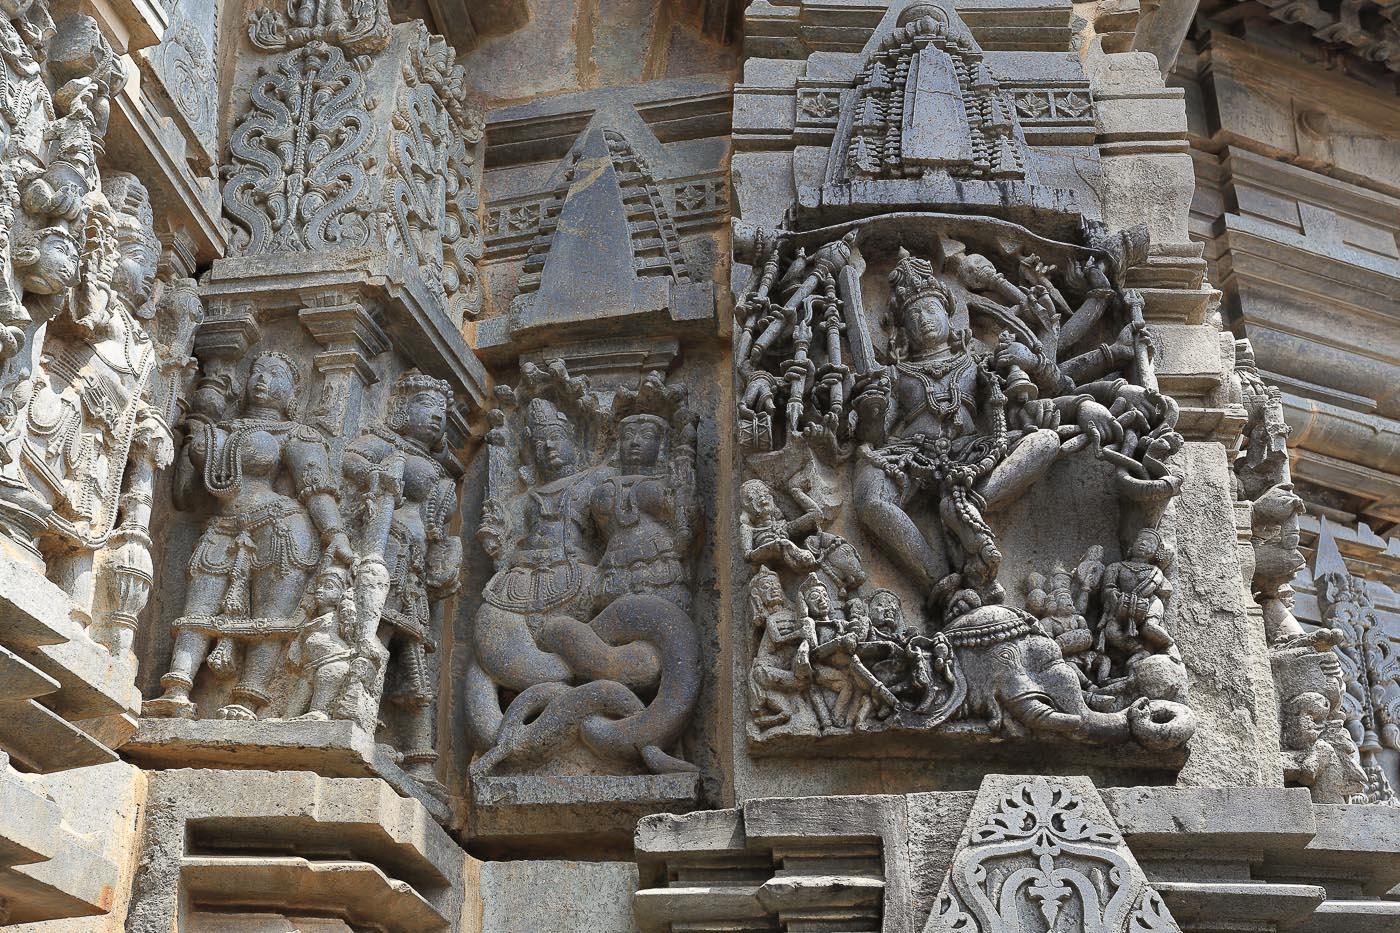 Фотография №23. Храм Ченнакесава. Барельефы, изображающие инкарнации Вишну. Отзывы об отдыхе в Индии. Экскурсии в городе Белур в Карнатаке. 1/40, -1 eV, f 10, 40mm, ISO 125.